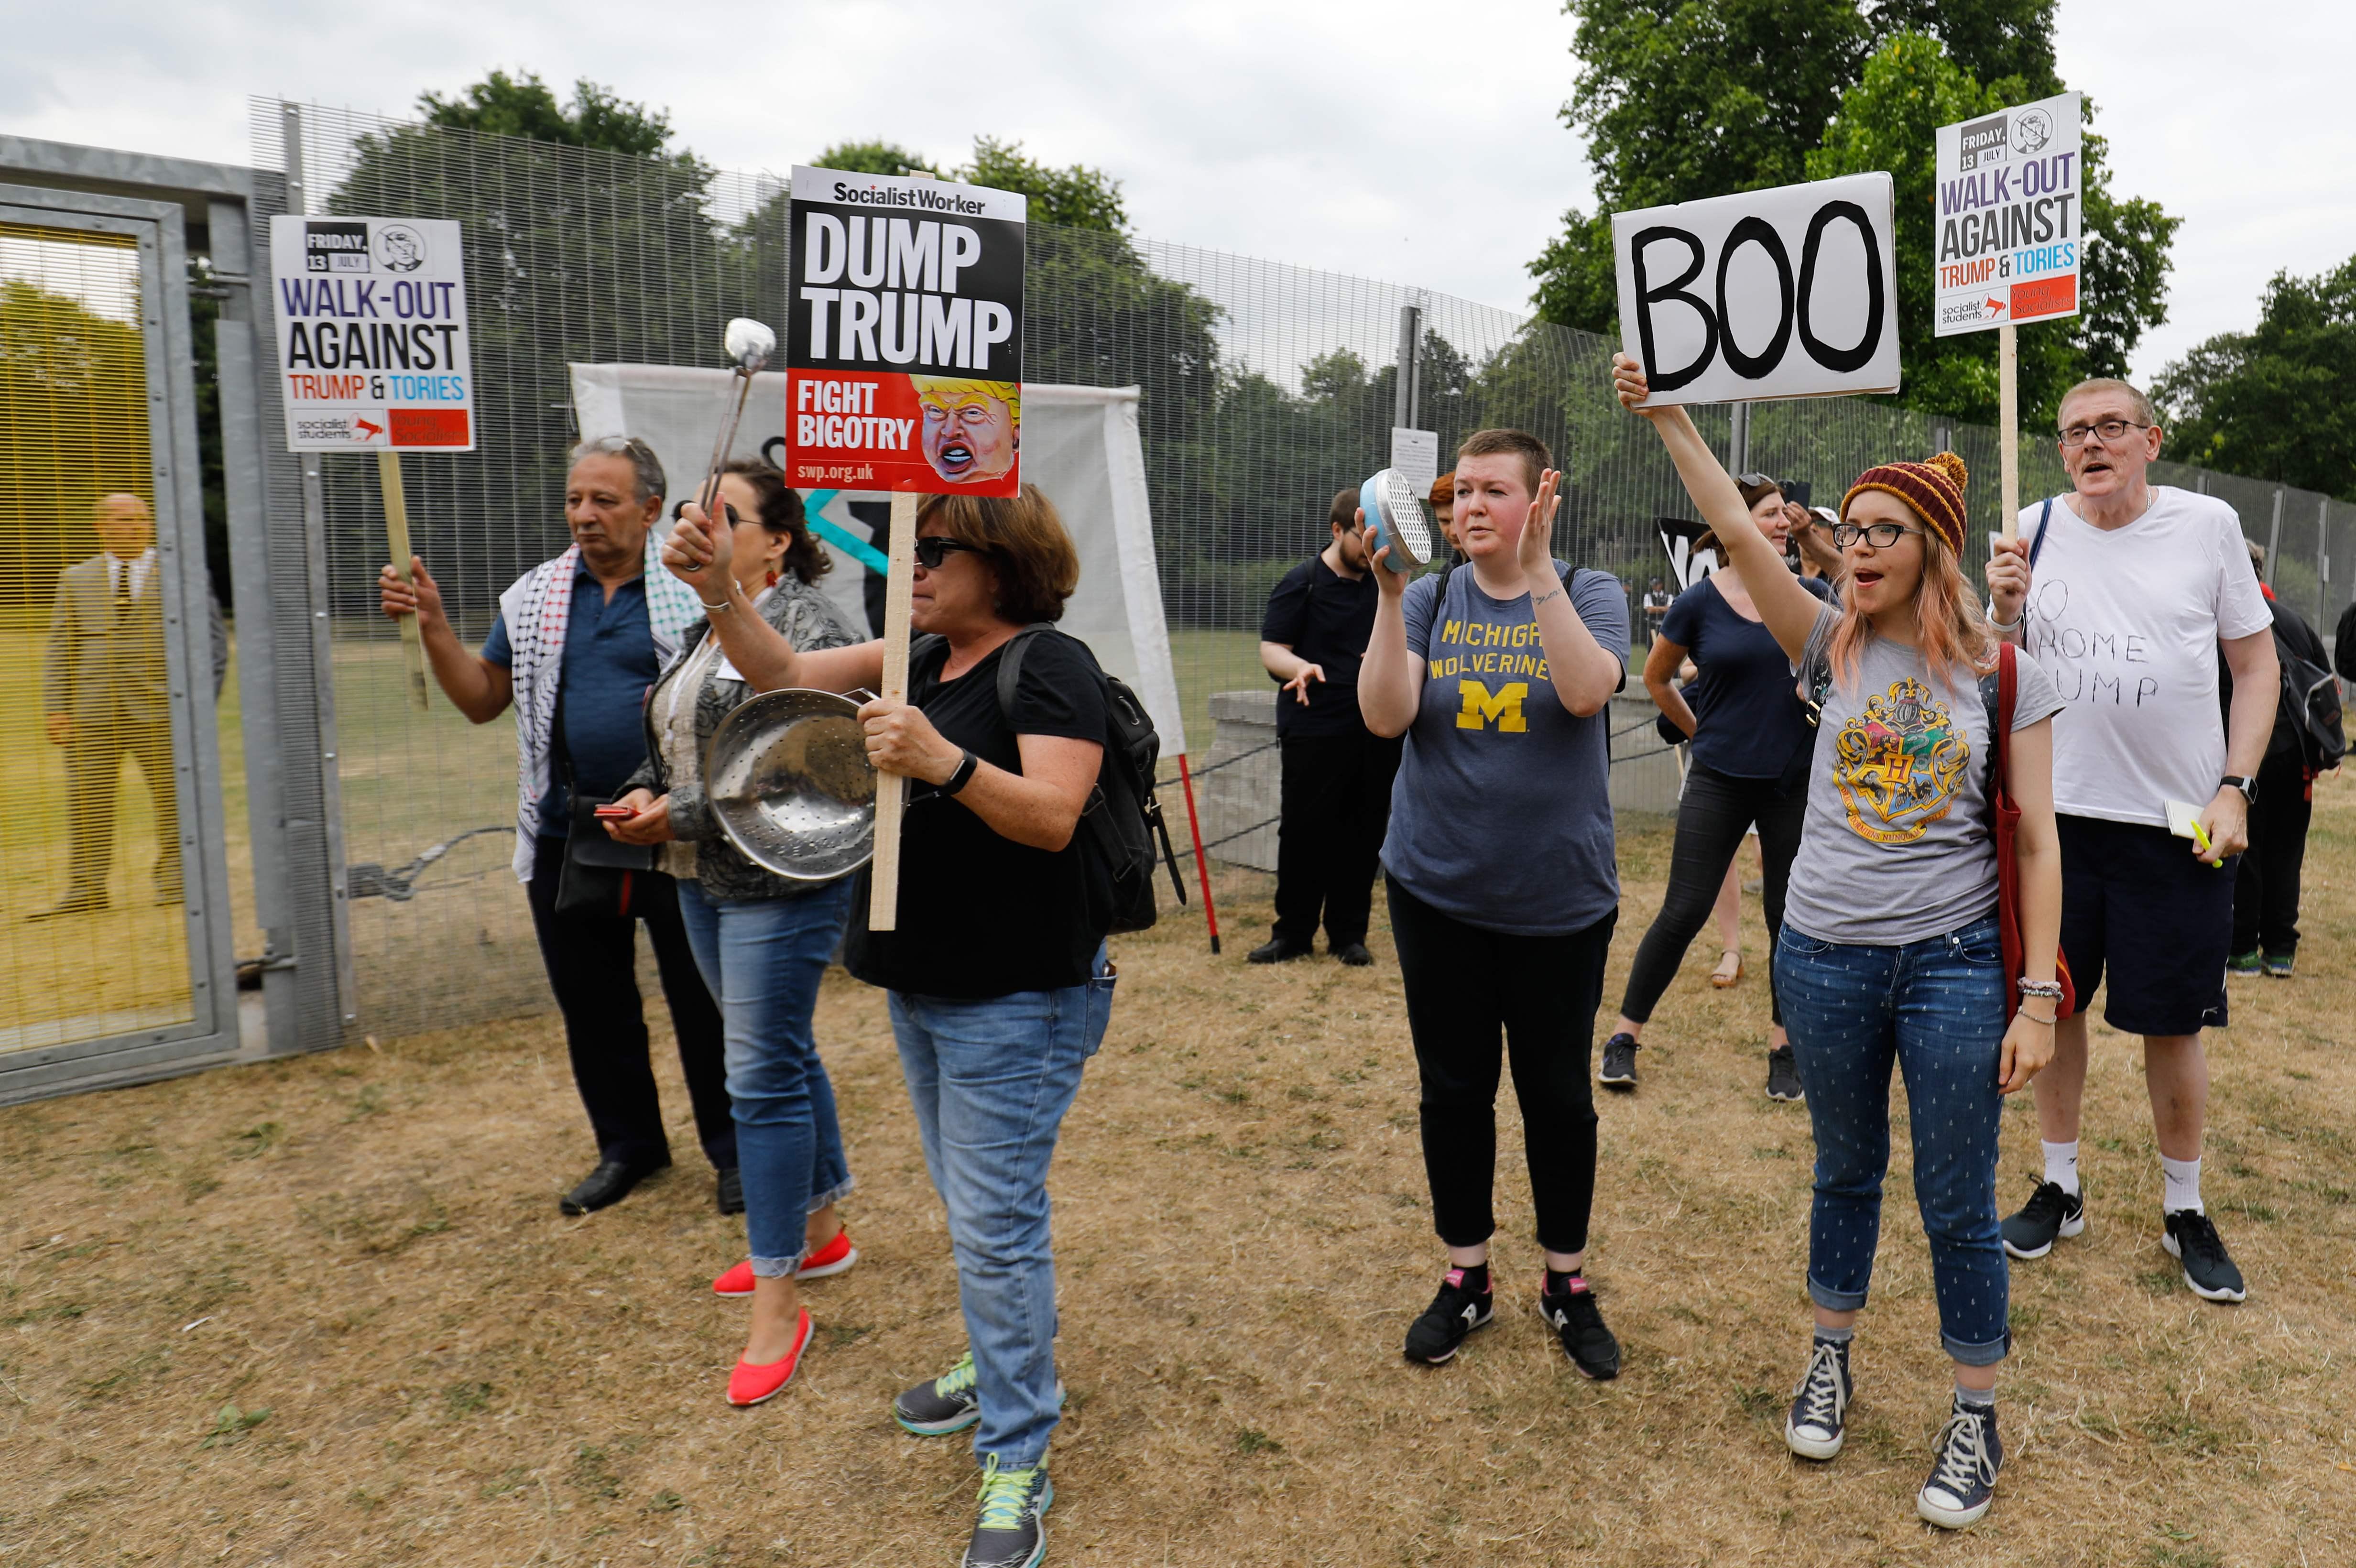 احتجاجات فى لندن ضد زيارة ترامب إلى بريطانيا